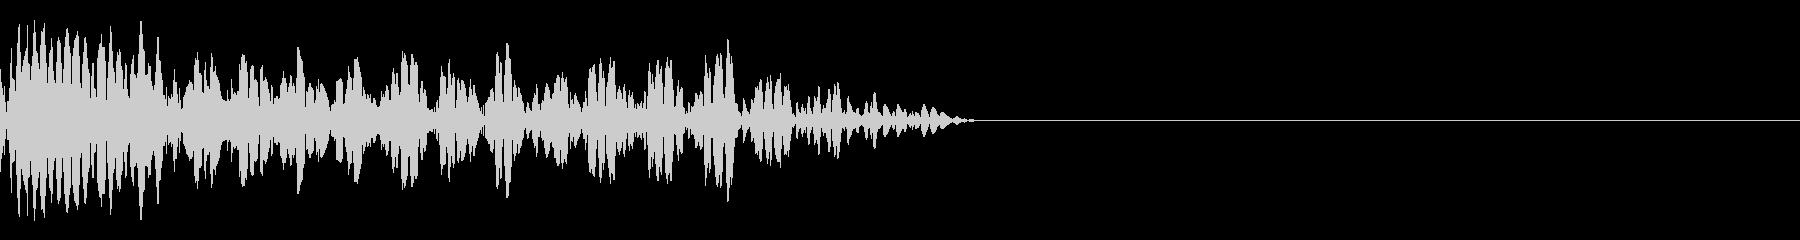 破裂する音の未再生の波形